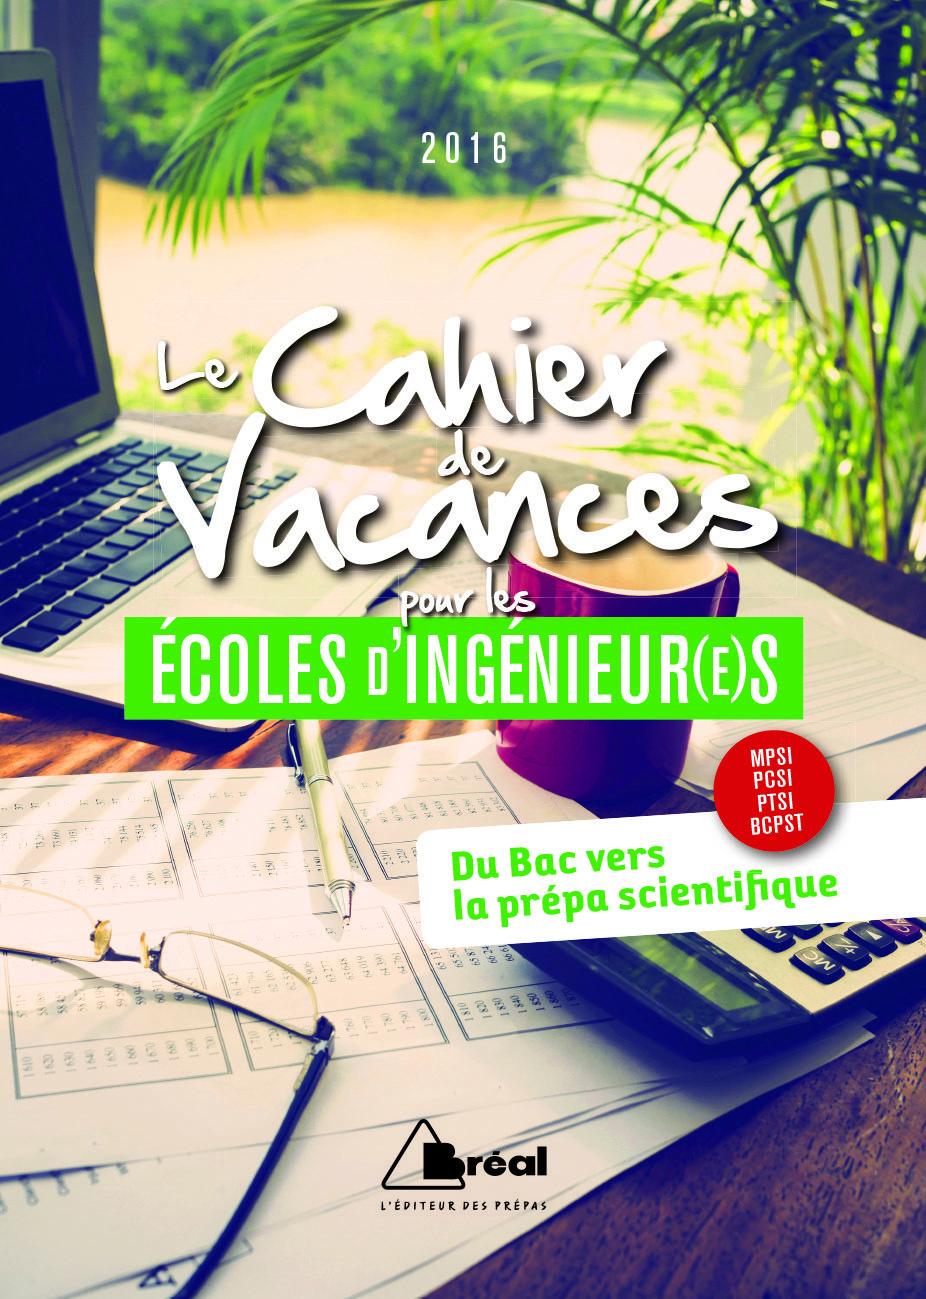 CAHIER DE VACANCES POUR LES ECOLES D'INGENIEURS 2016 (LES)